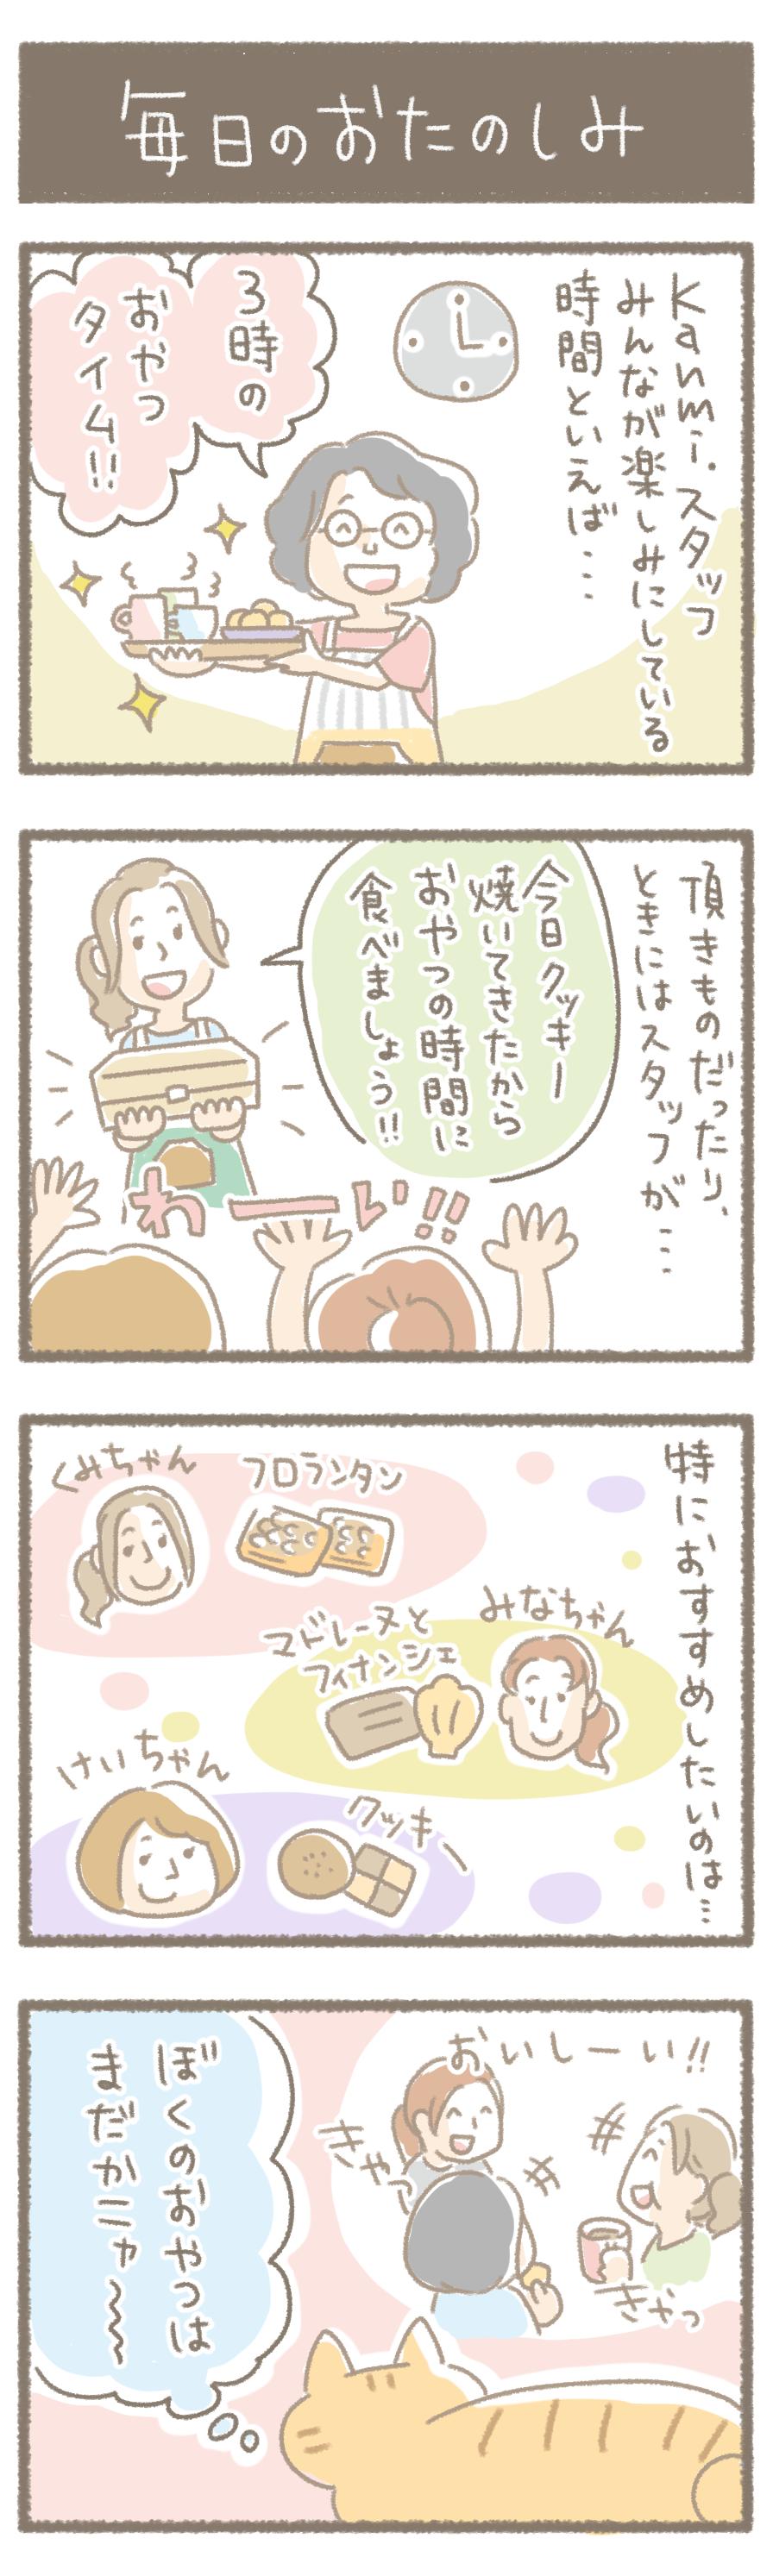 Kanmi.のある日①